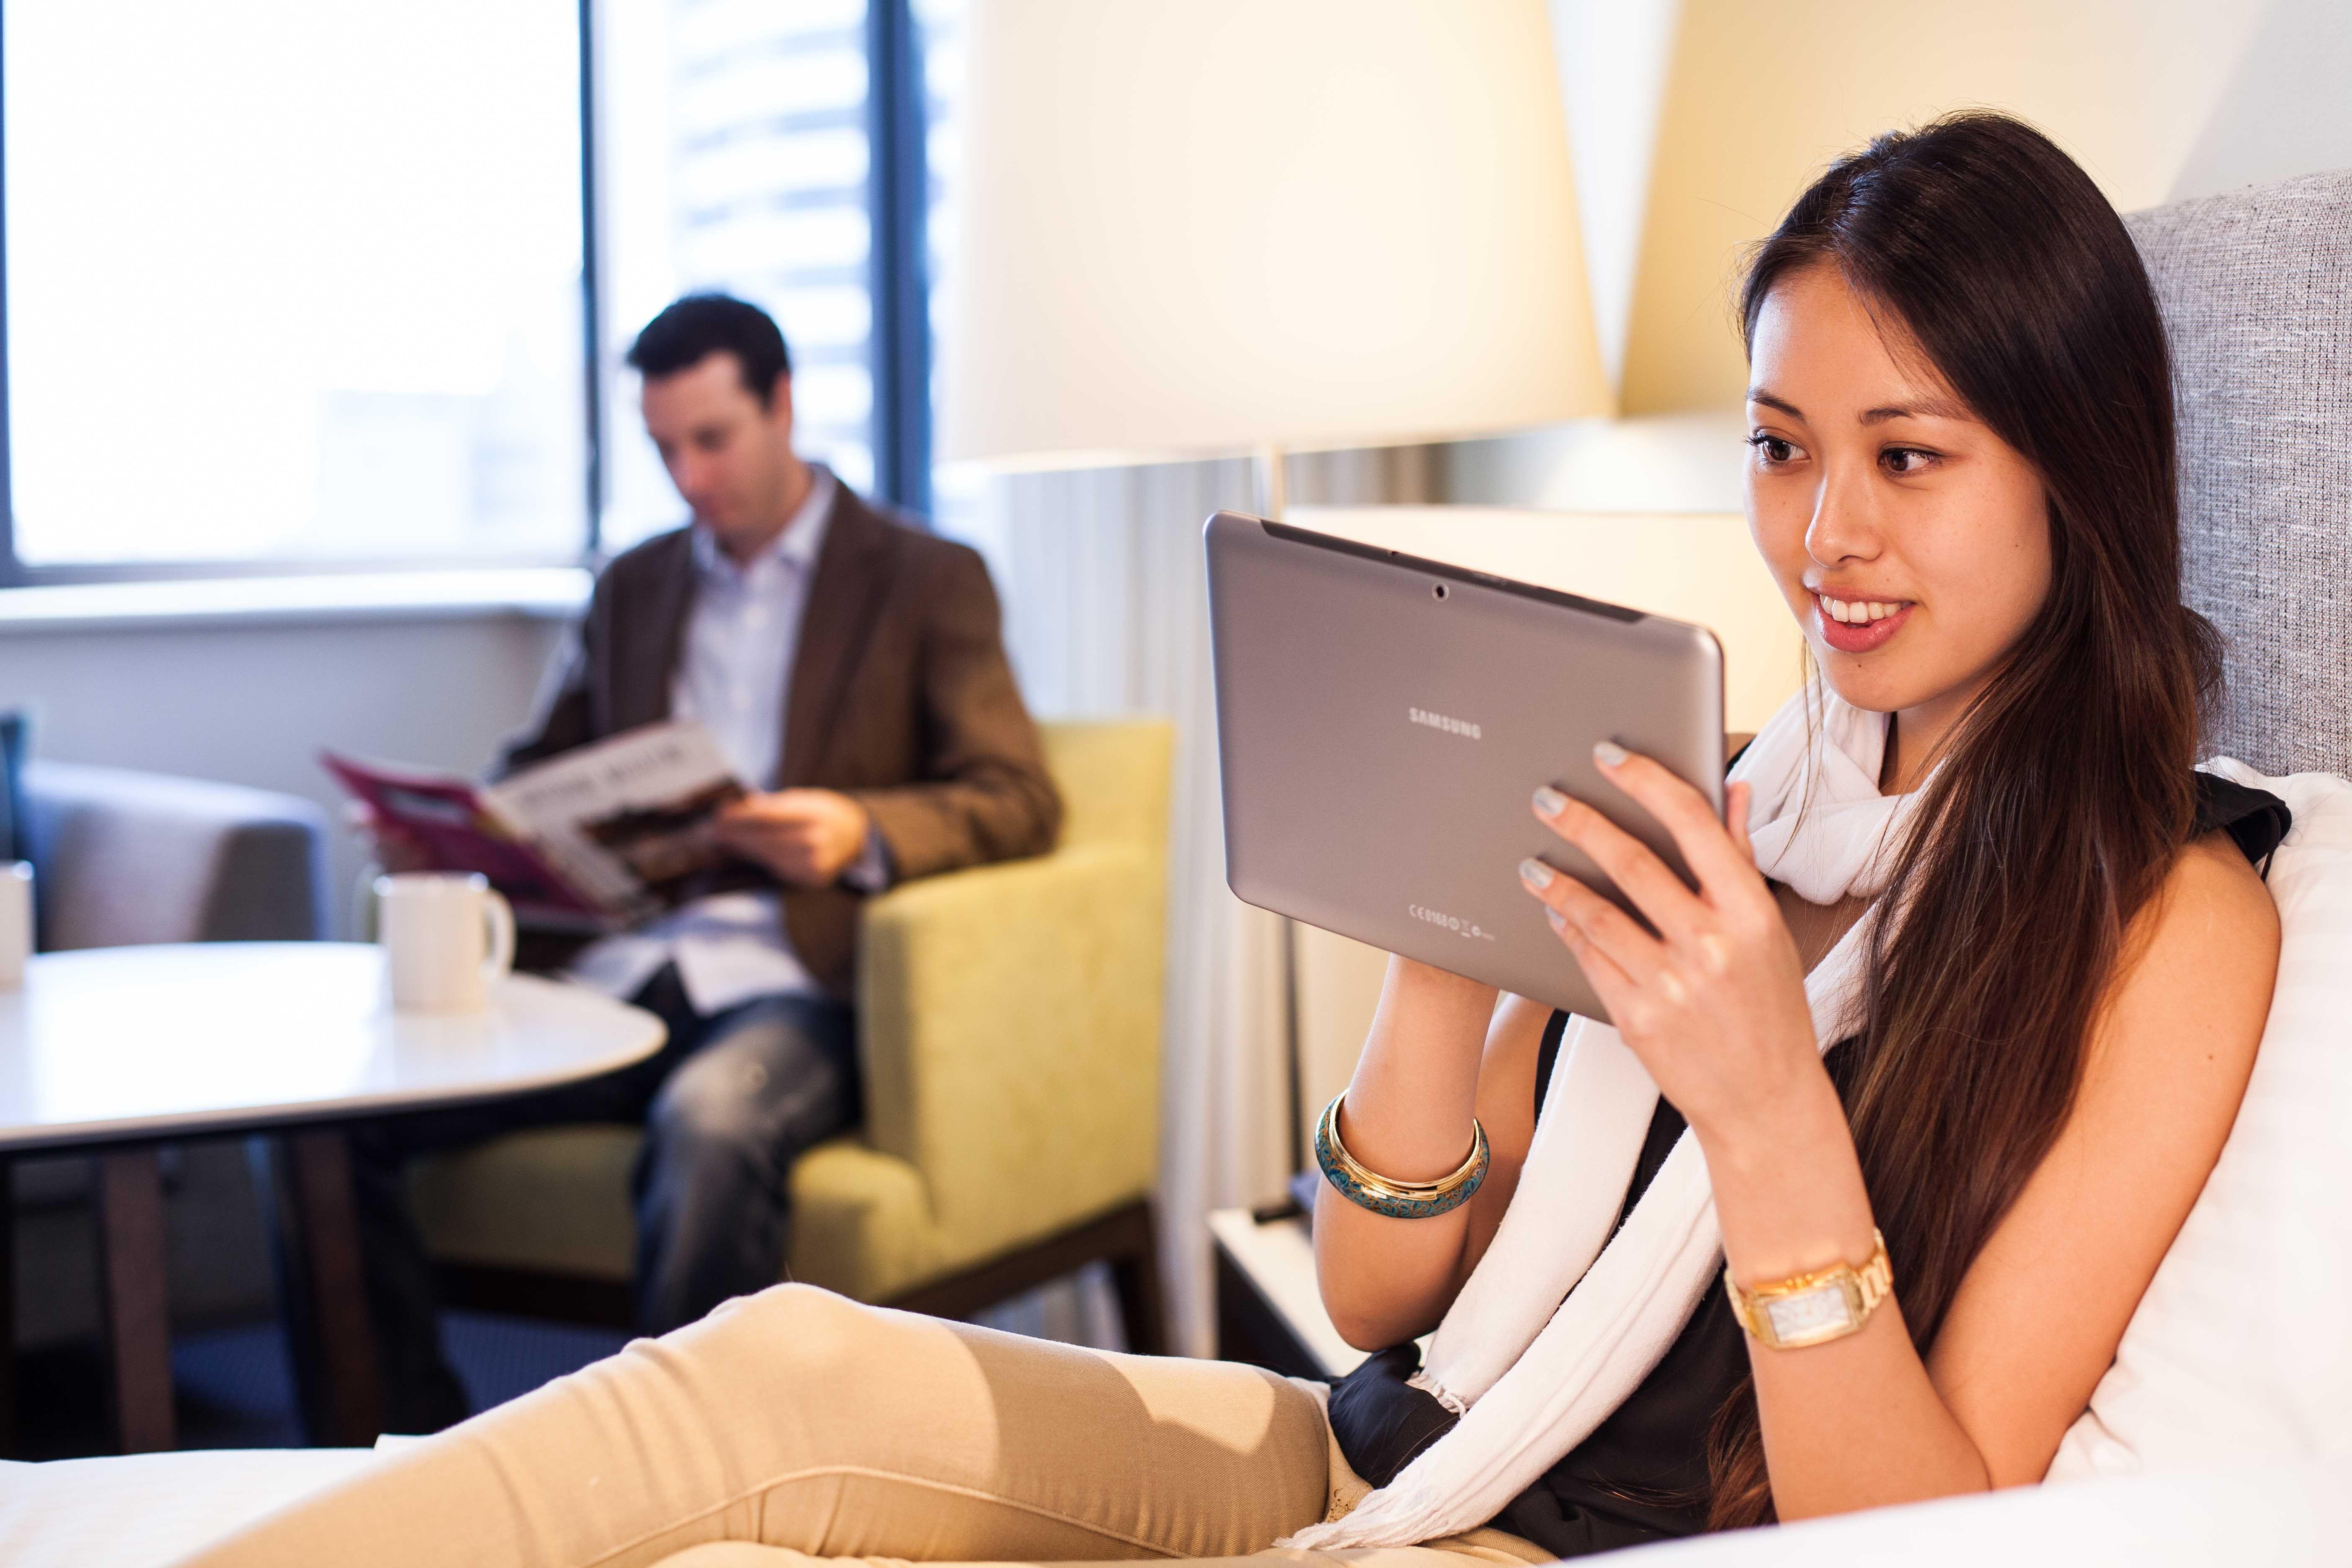 Ücretsiz internet alanında İsviçre otelleri sınıfta kaldı